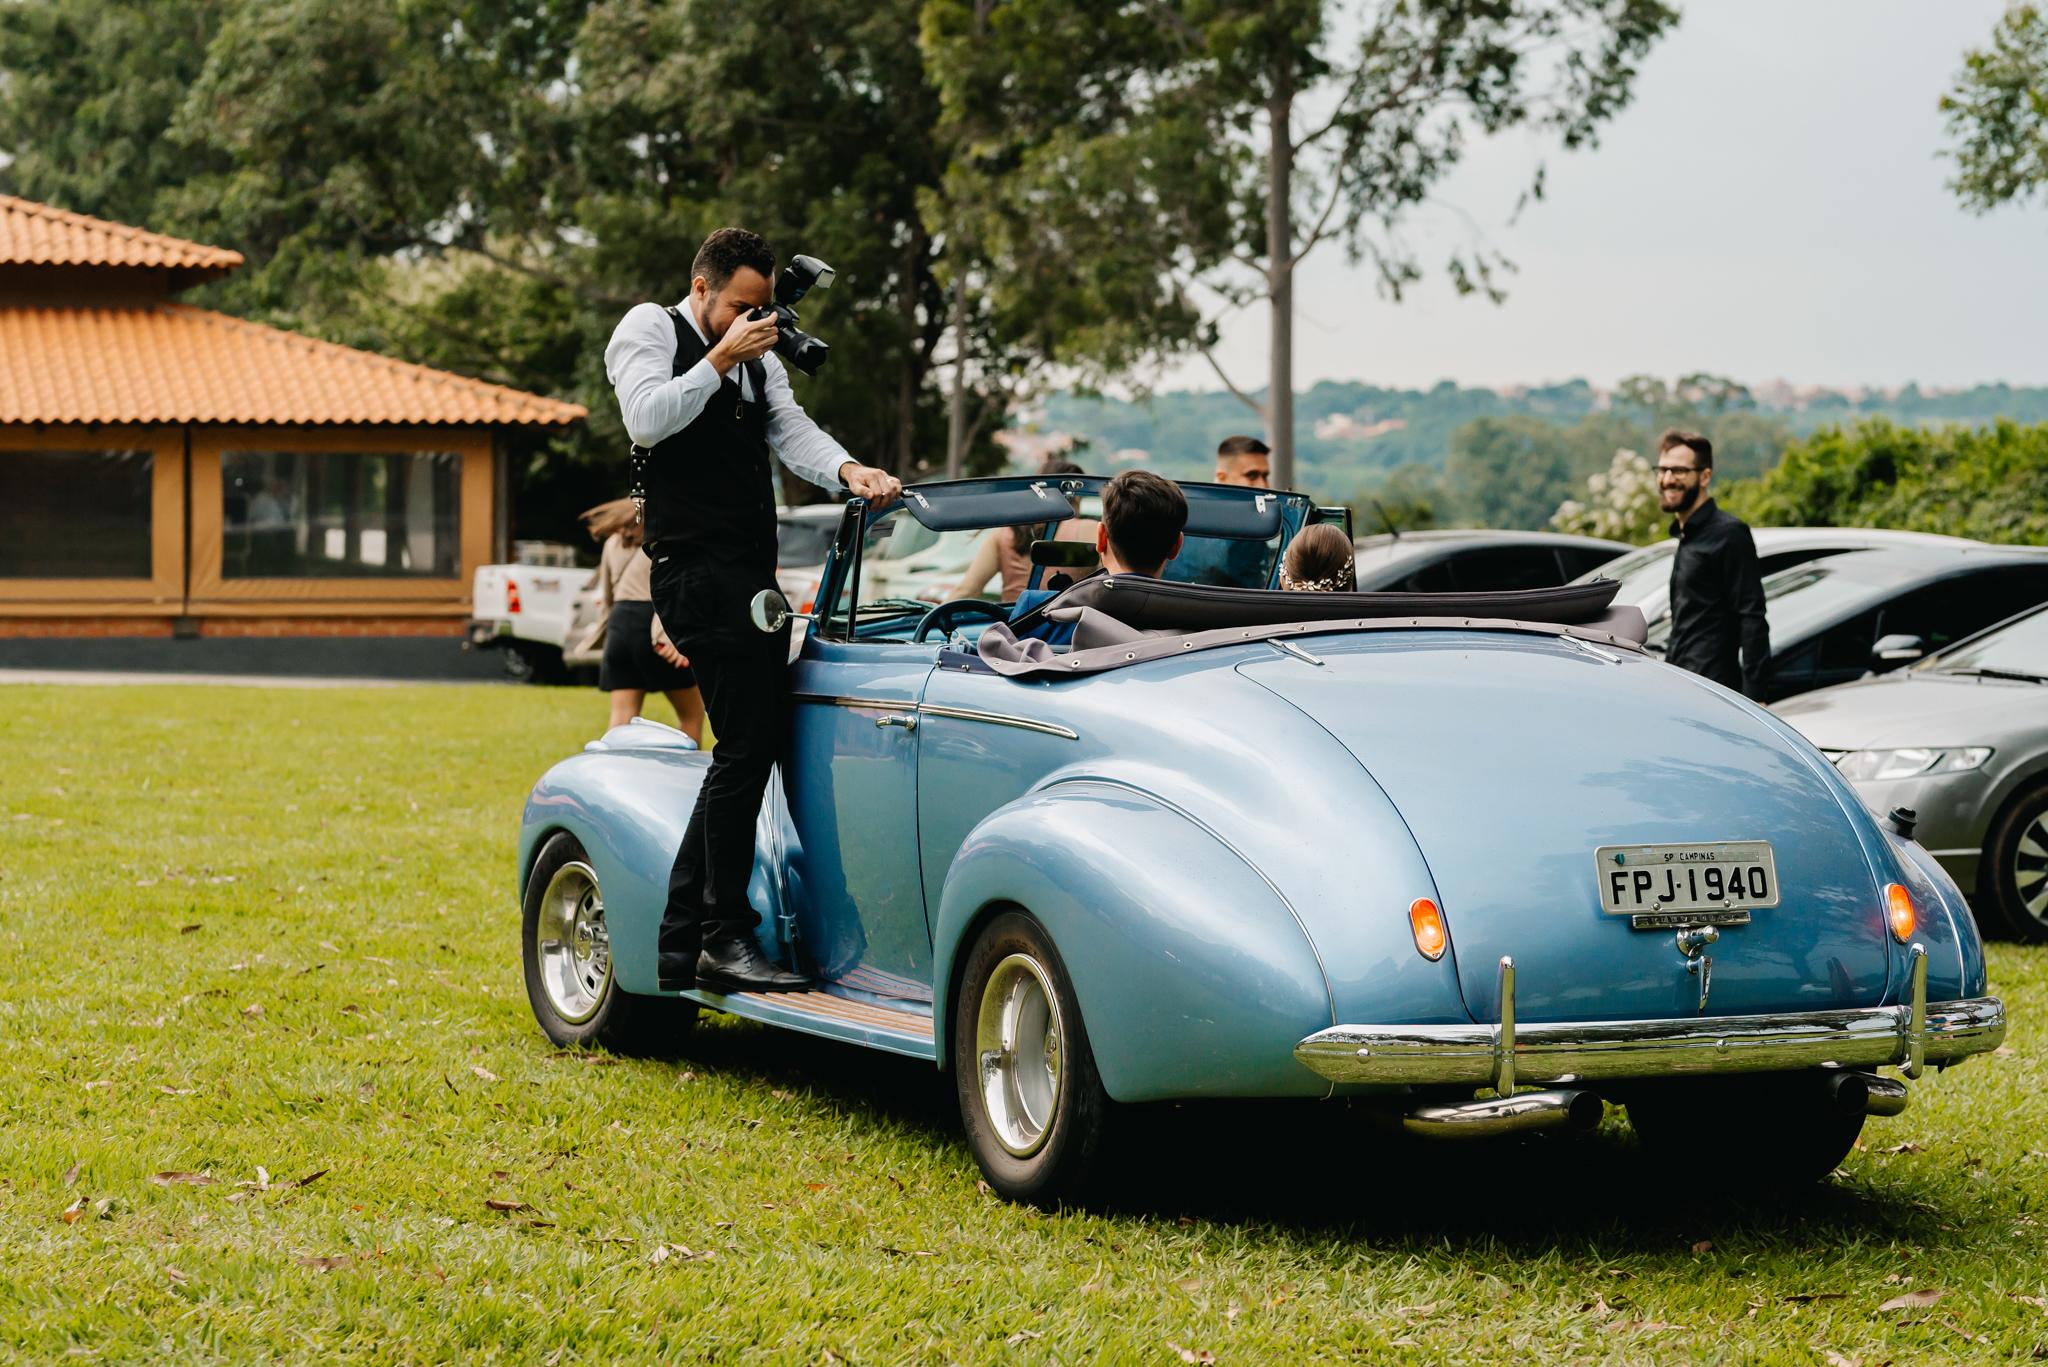 Sobre Lopes Fotografia, Jézer Lopes, Fotógrafo de Casamento, Fotografia de Casamento